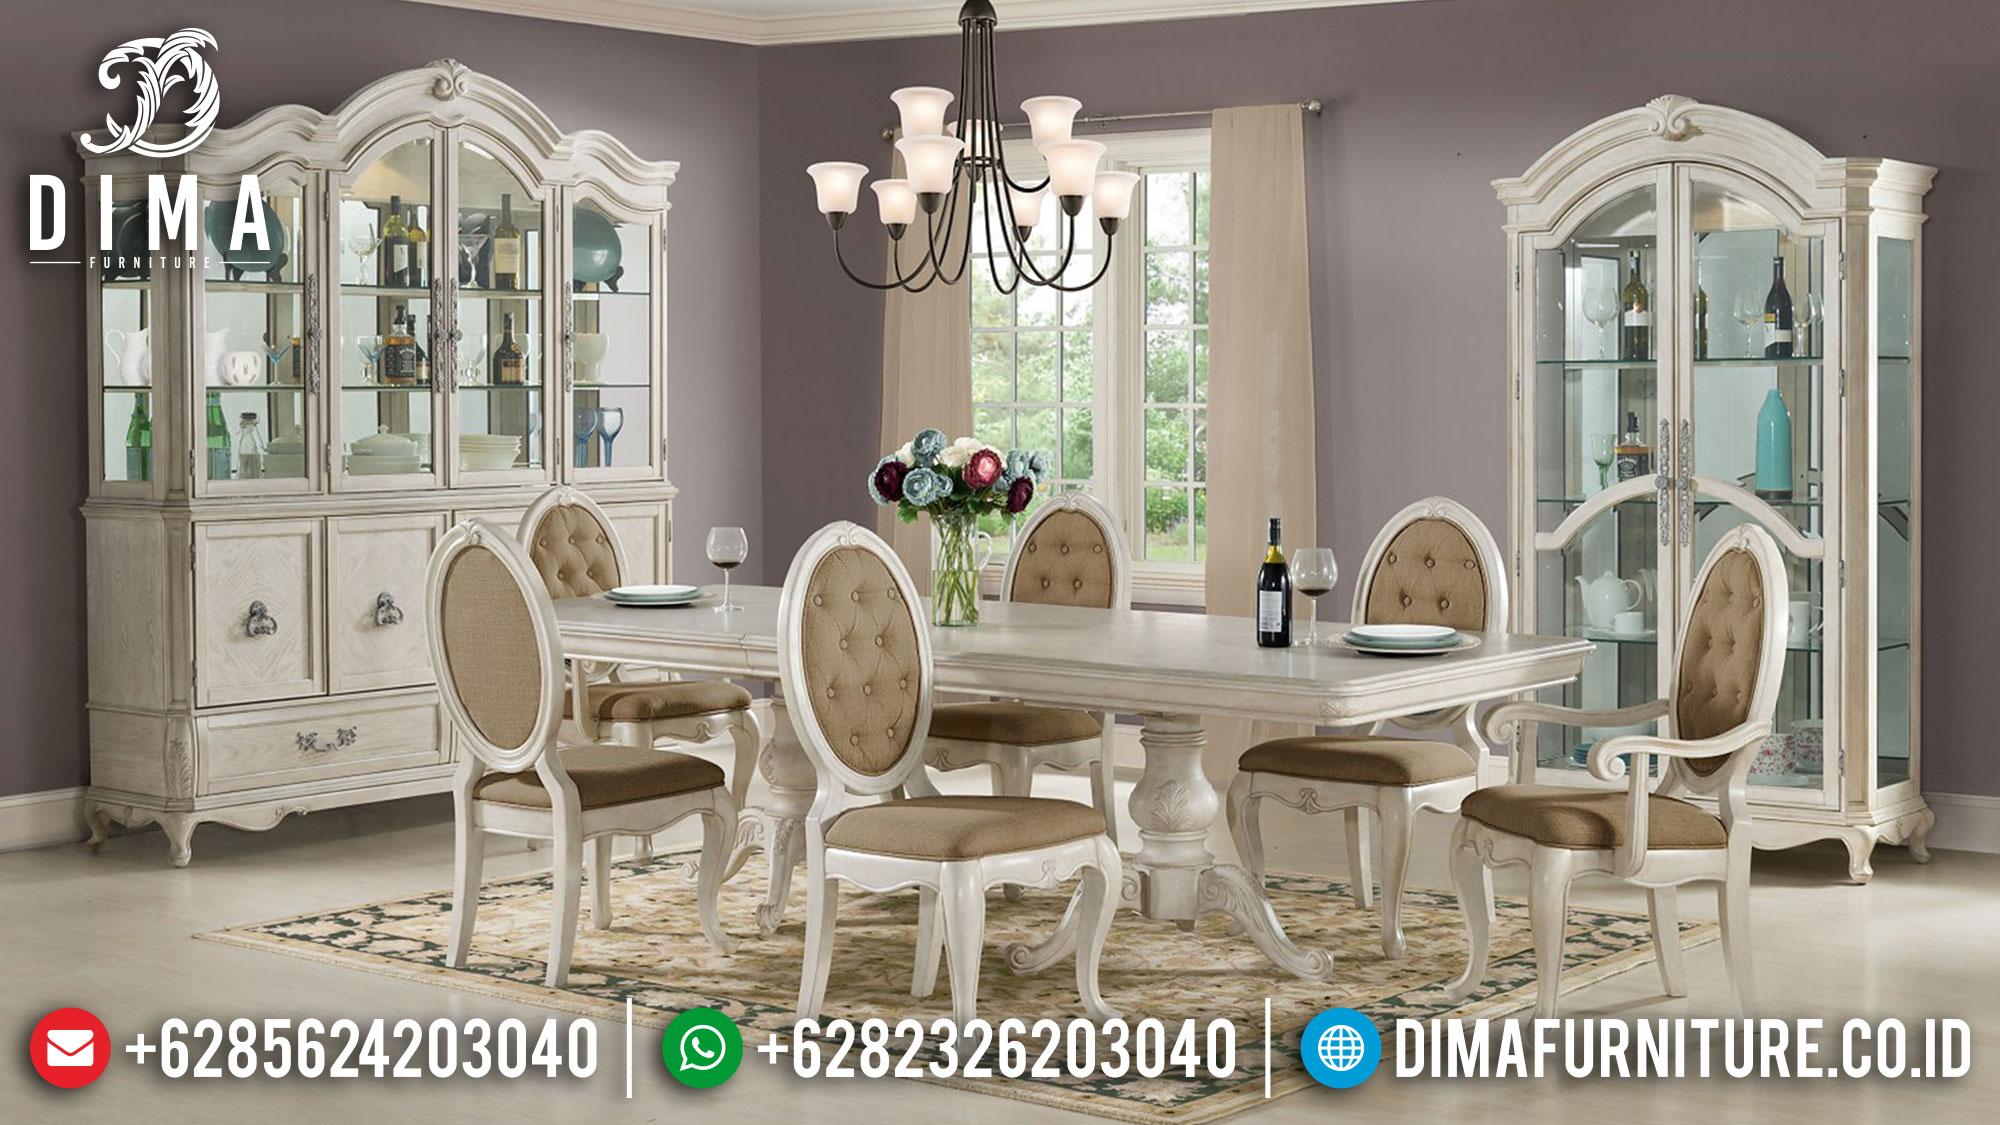 Harga Meja Makan Mewah Kursi 6 Luxury Carving Greatest Item TTJ-1685